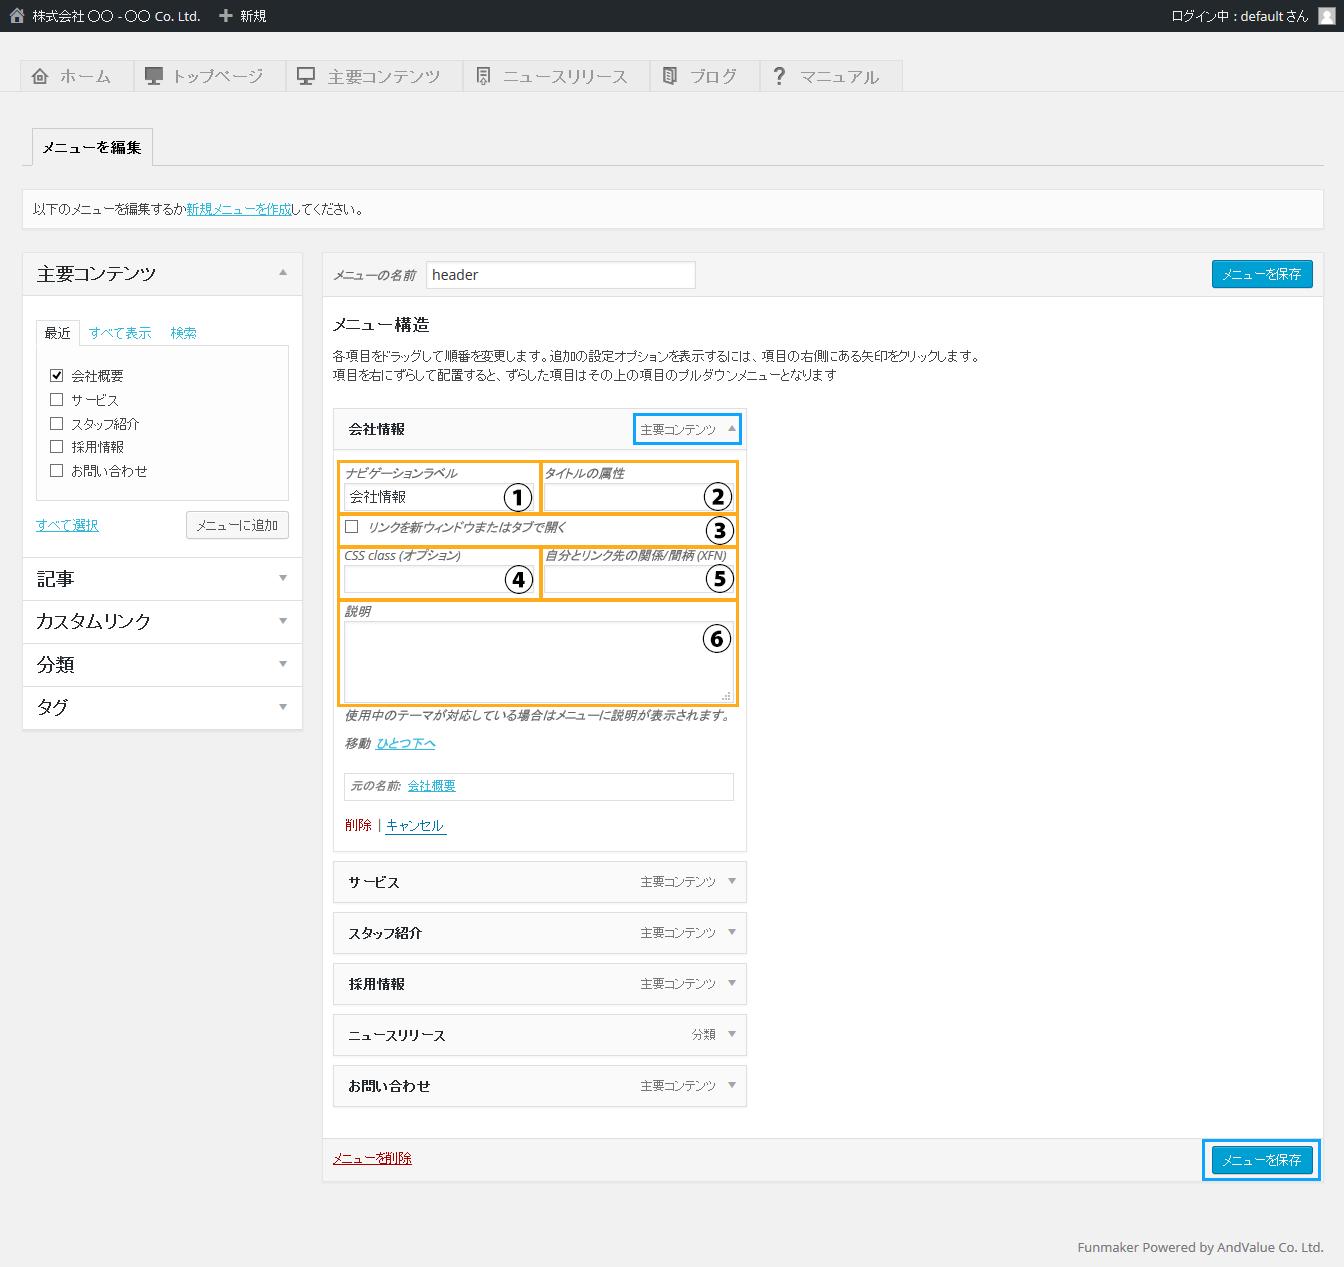 メニューの登録2 - 簡単格安ホームページ作成会社 -FunMaker